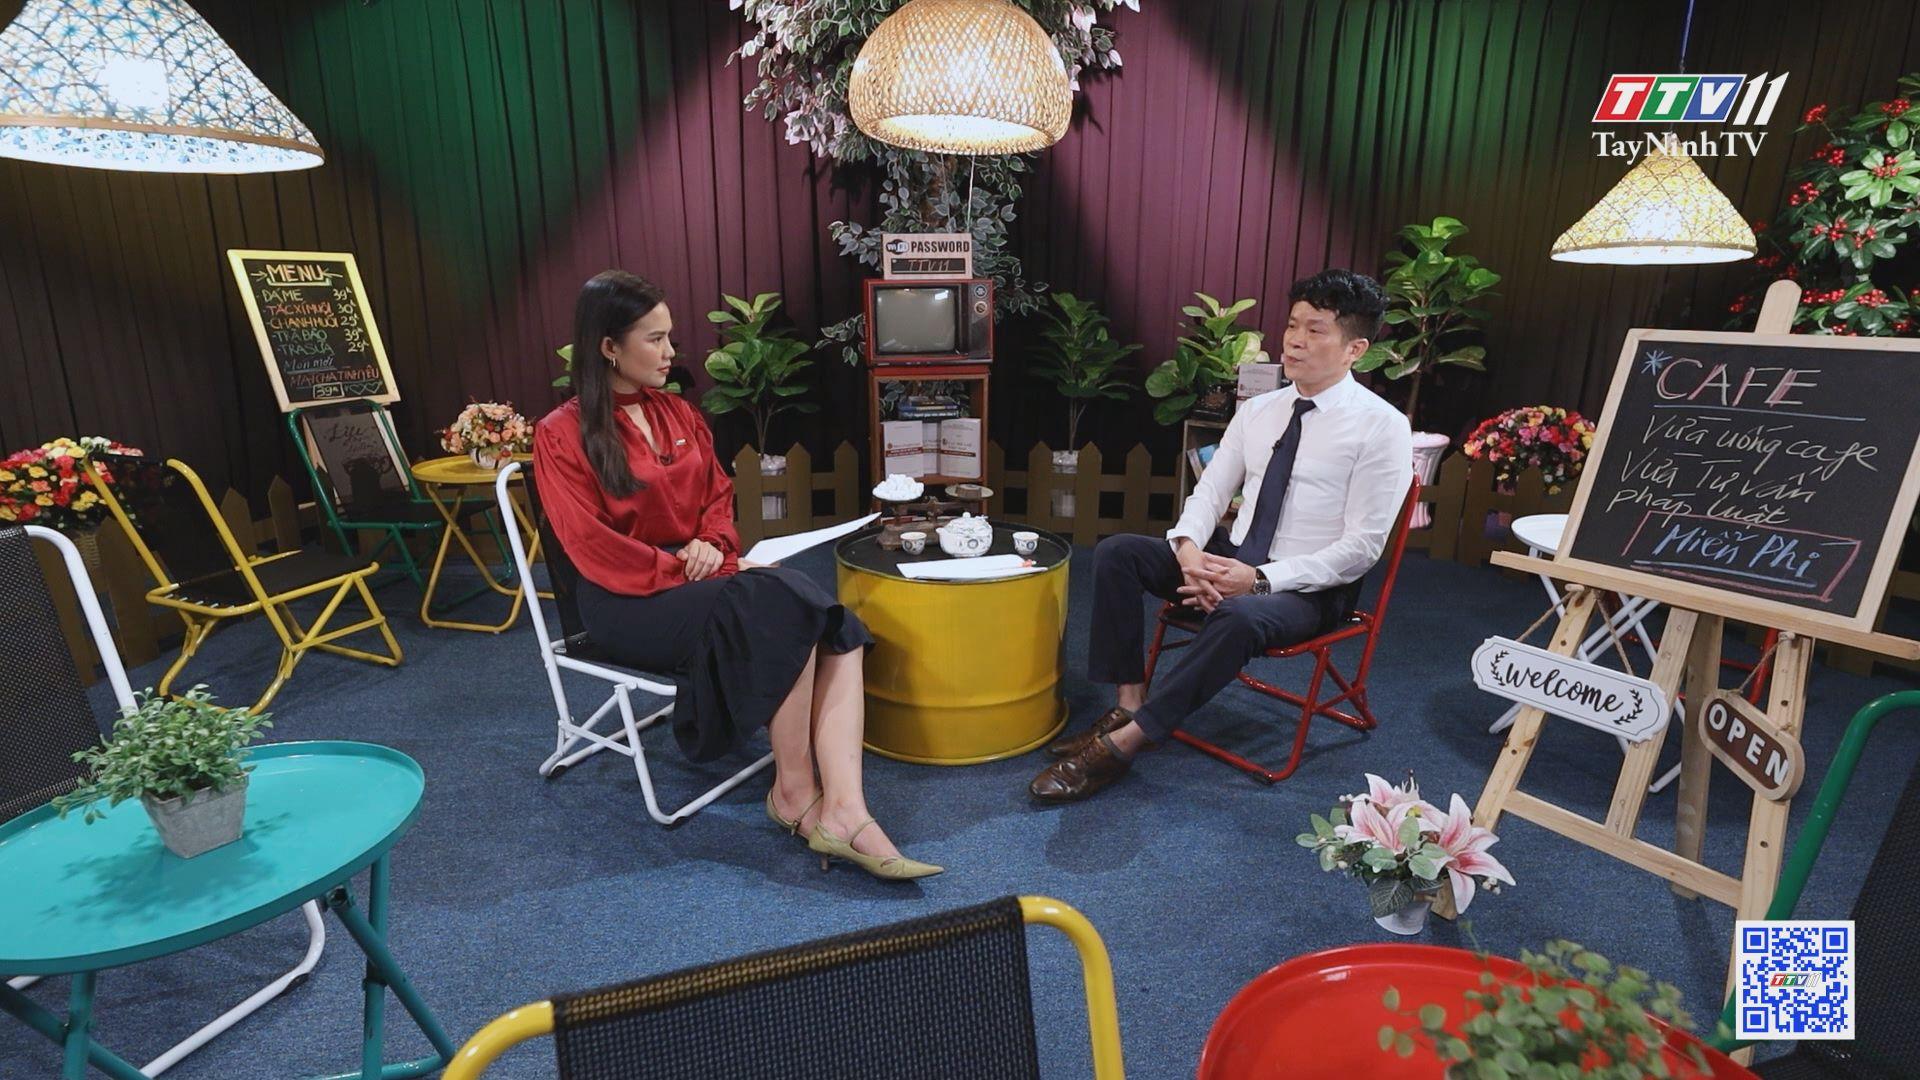 Vợ chồng li dị, chia tài sản như thế nào? | THẤU LÝ THẤM TÌNH | TayNinhTVE